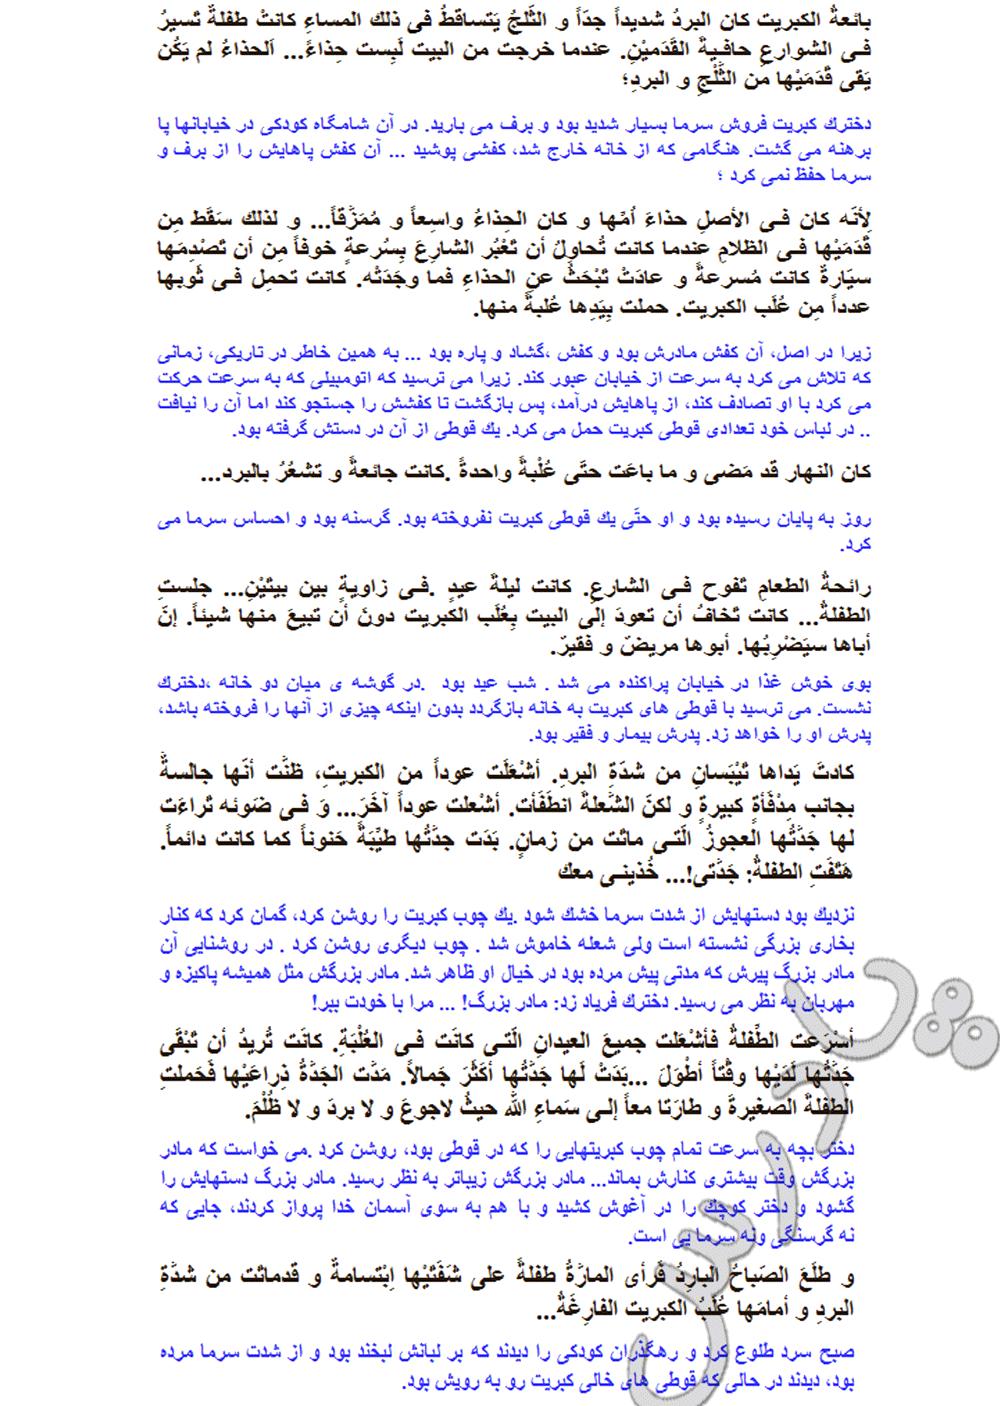 ترجمه درس6 عربی پیش دانشگاهی انسانی